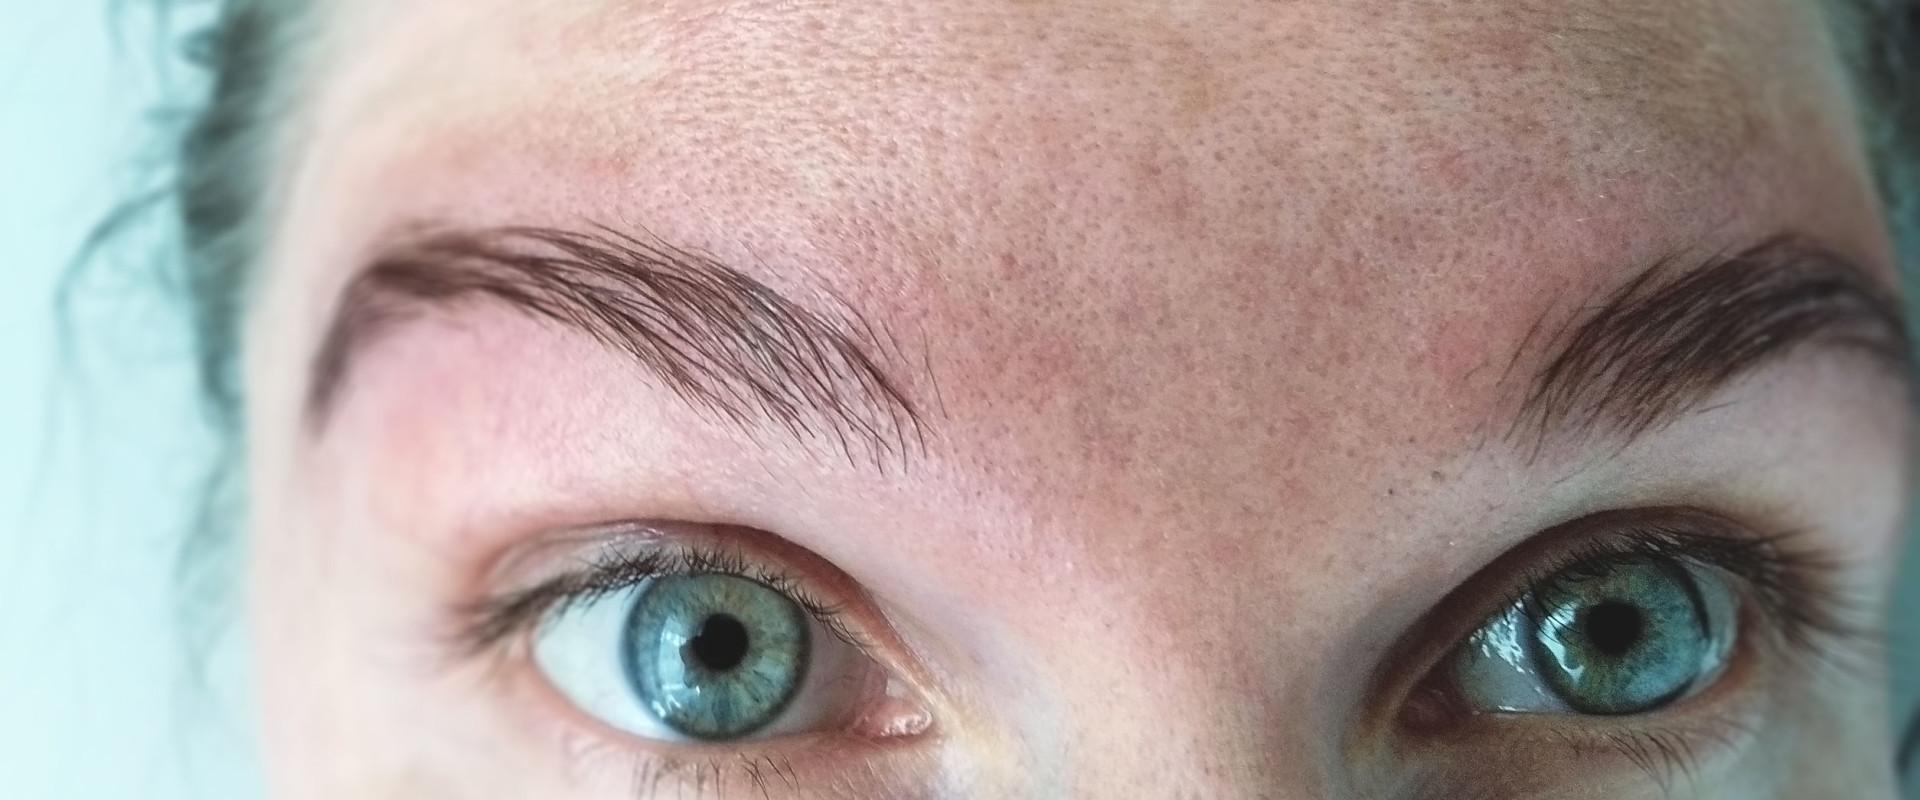 Hyperpigmentatie in het gezicht | Tips die helpen